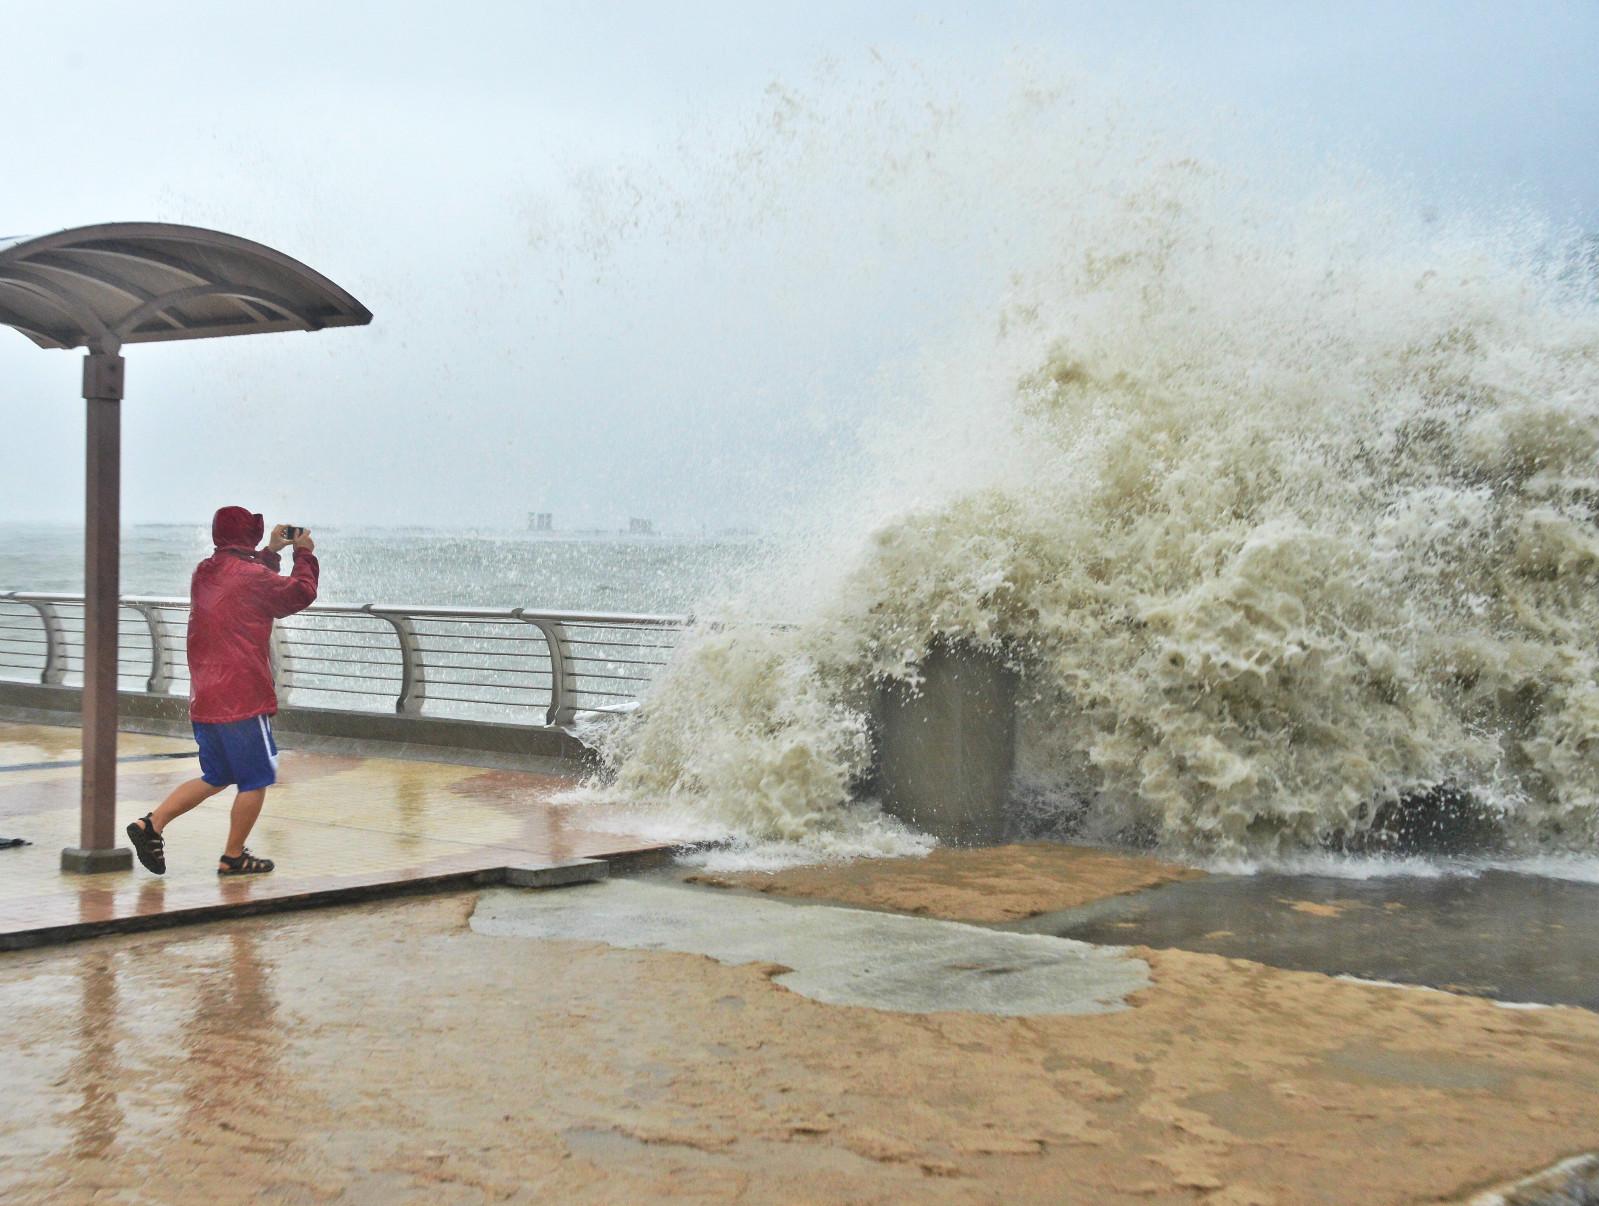 天文台發出警報,香港鄰近海域吹12級颶風。資料圖片